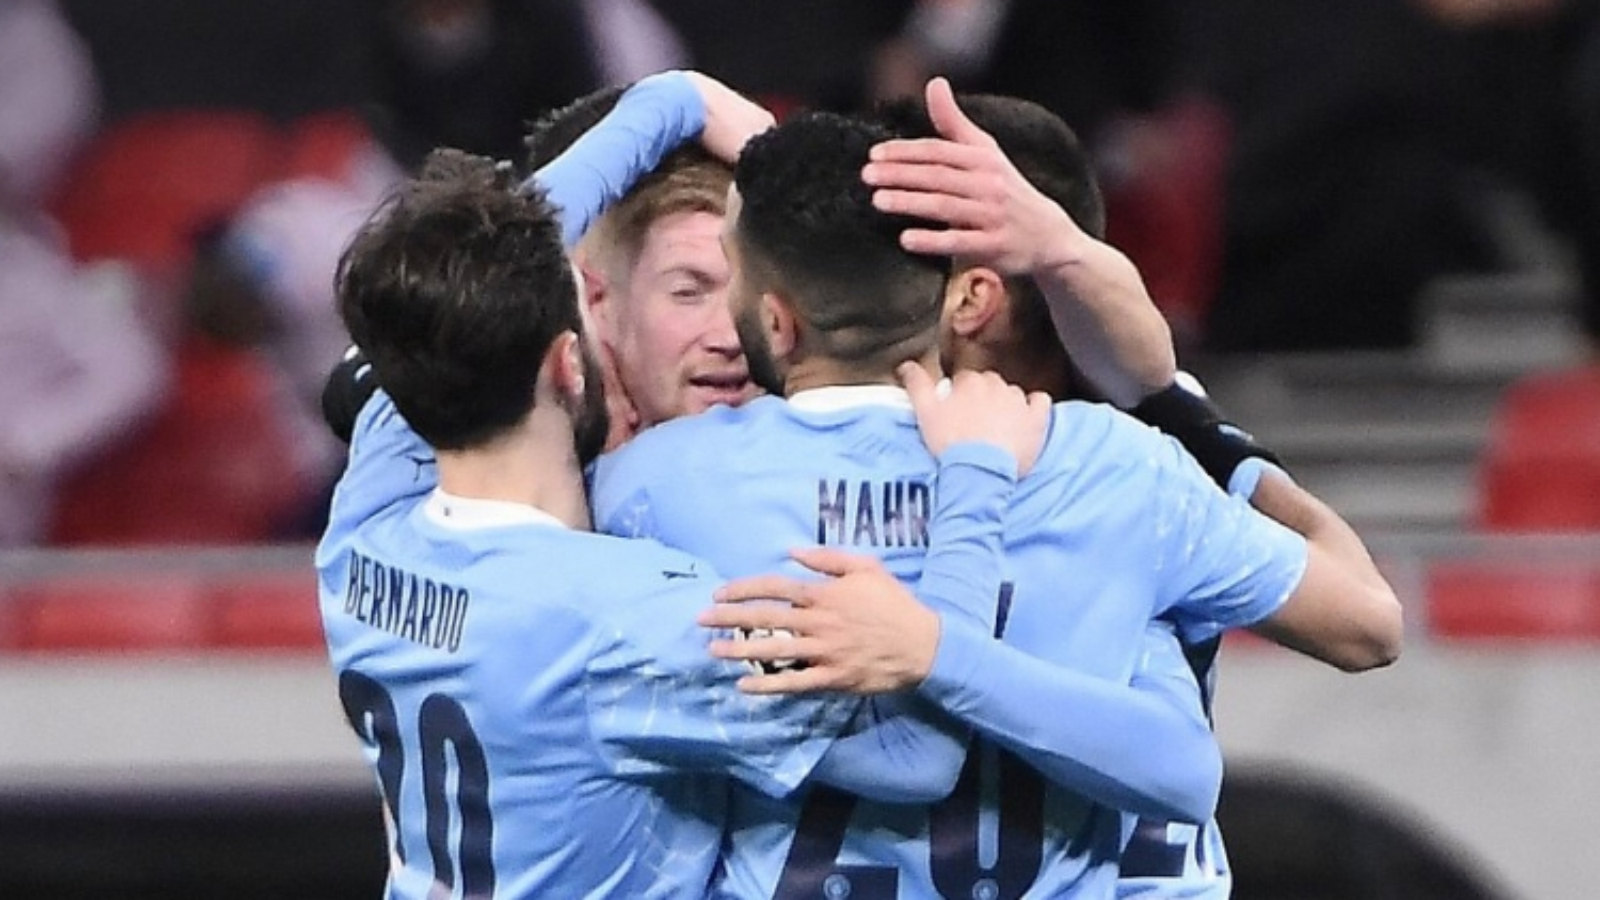 Cán mốc 100 bàn thắng, Man City sắp san bằng kỷ lục của MU